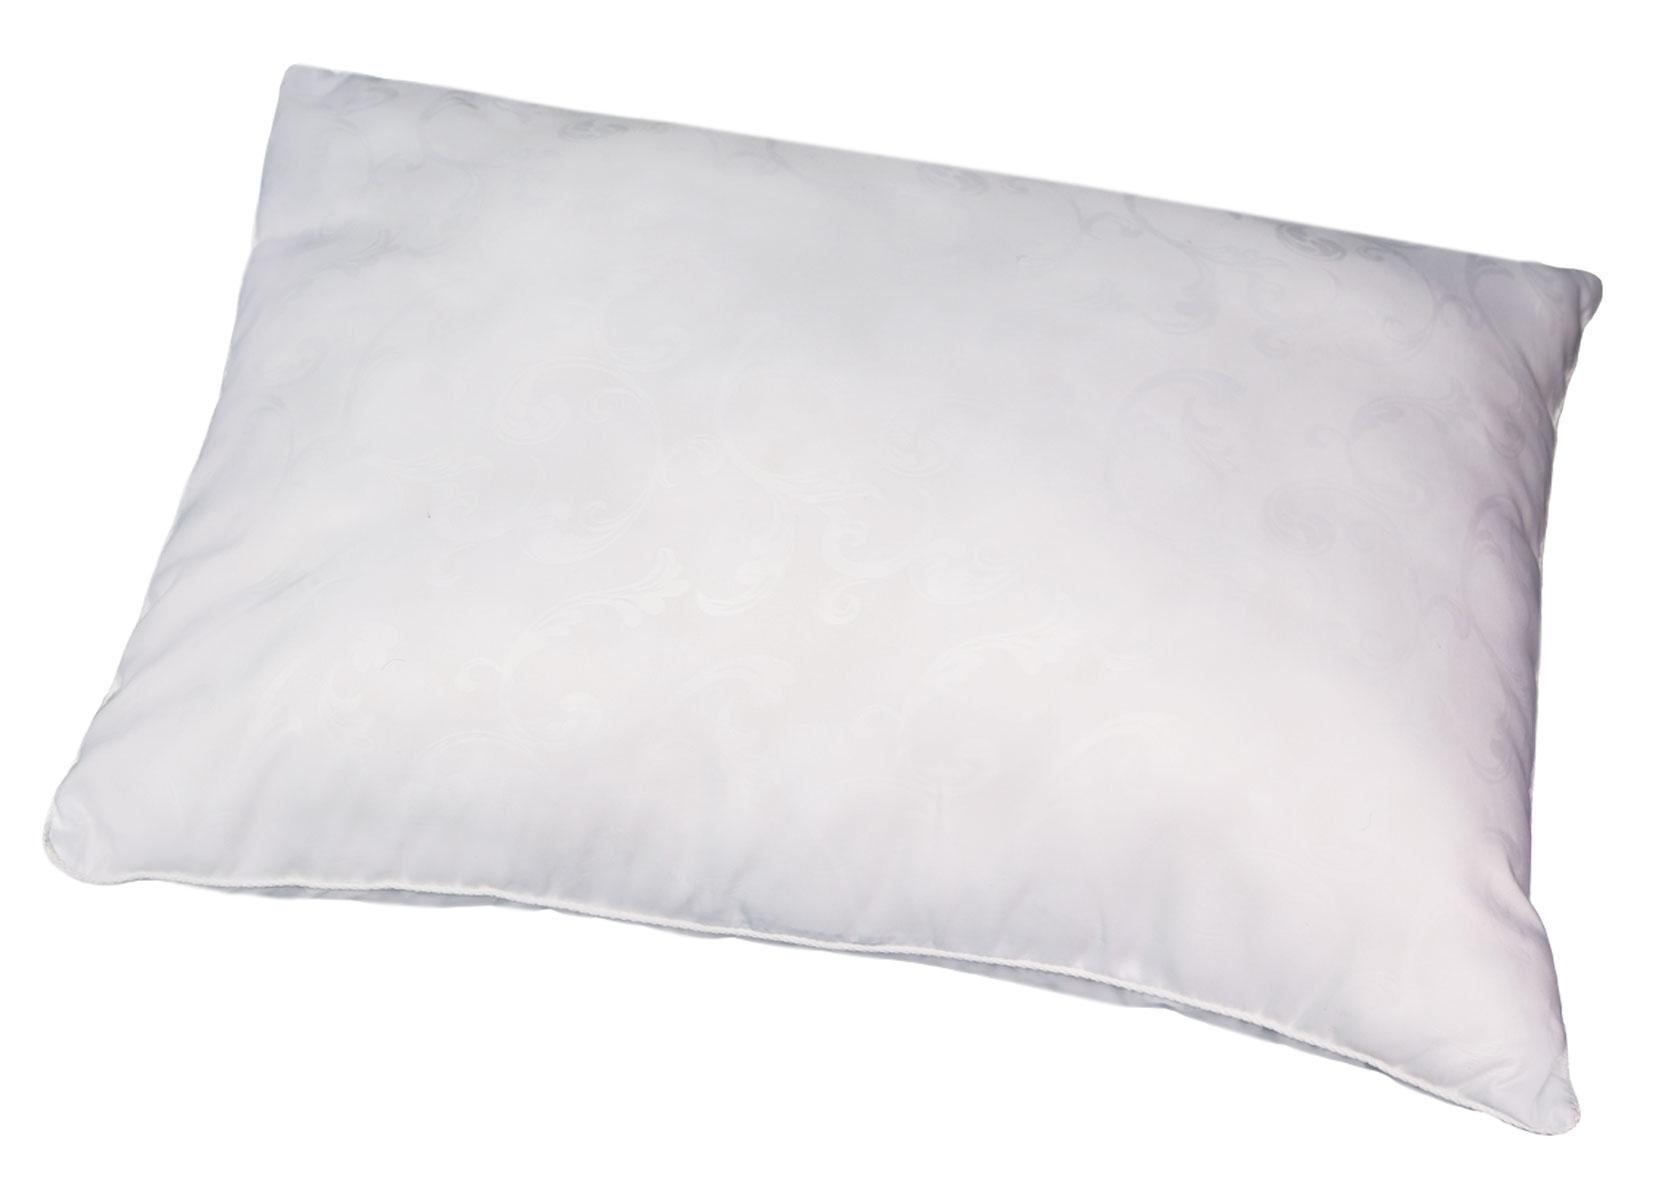 Подушка Bio-Texteles Сила природы, наполнитель: полиэстер, 40 х 40 см. SP639SP639